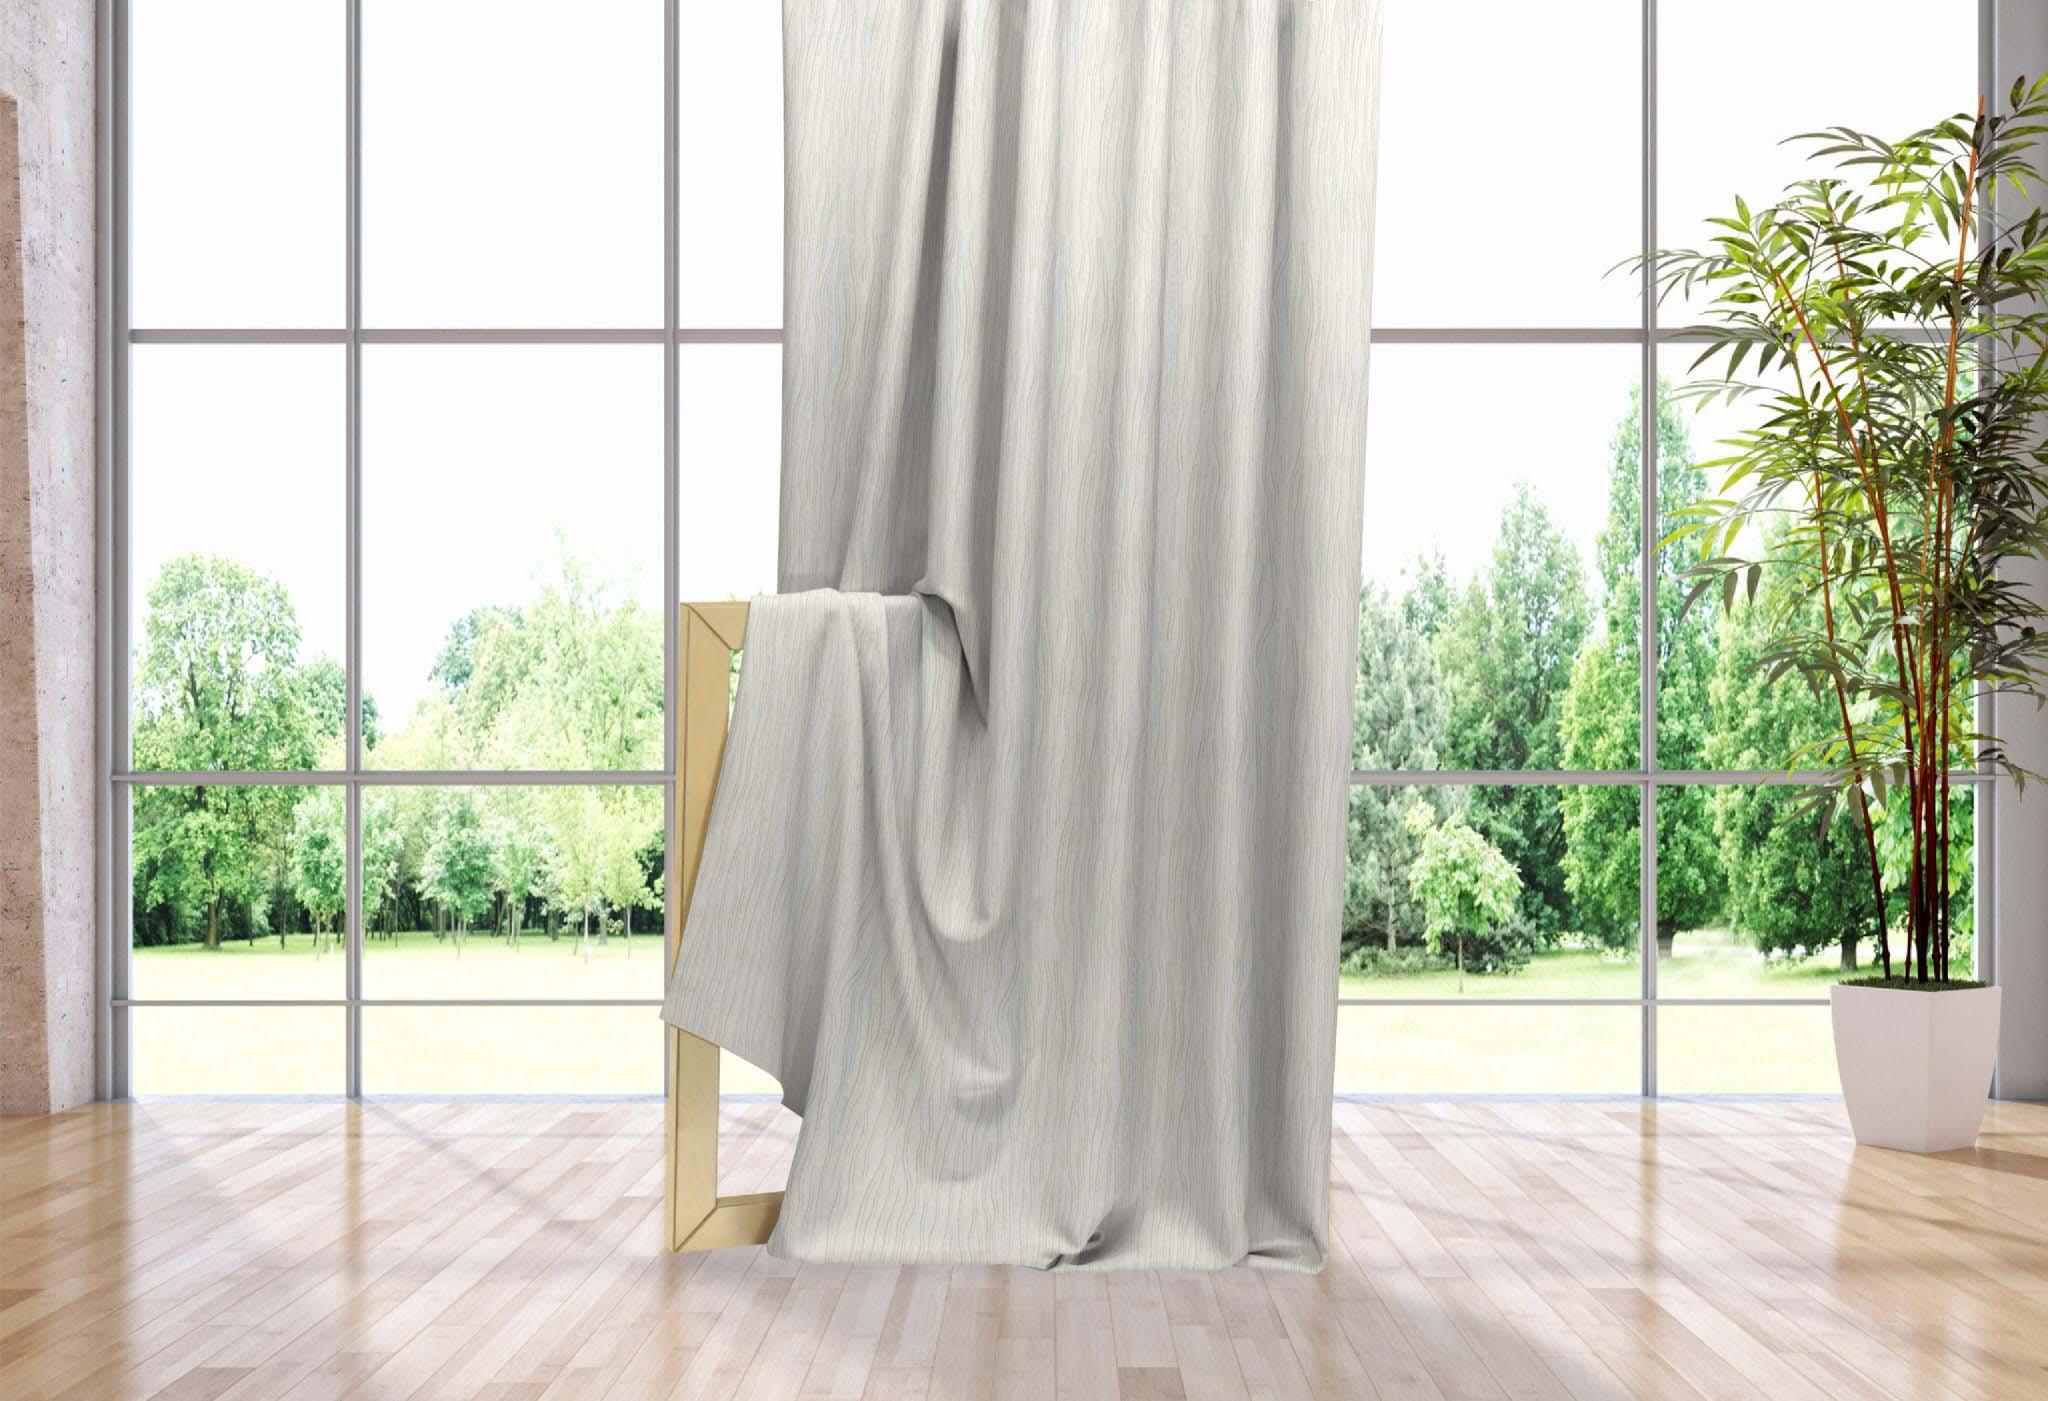 dekostoffe meterware gardinen vorh nge bn gardinen online shop. Black Bedroom Furniture Sets. Home Design Ideas